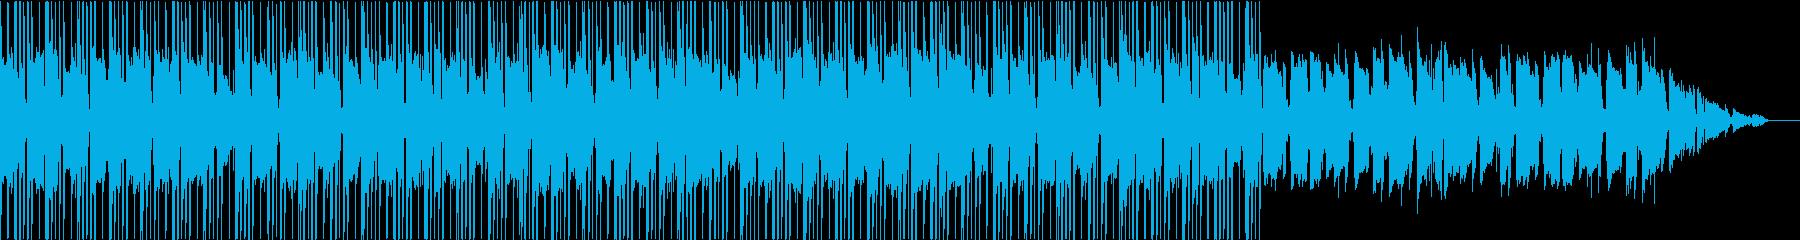 おしゃれでしっとりなヒップホップの再生済みの波形